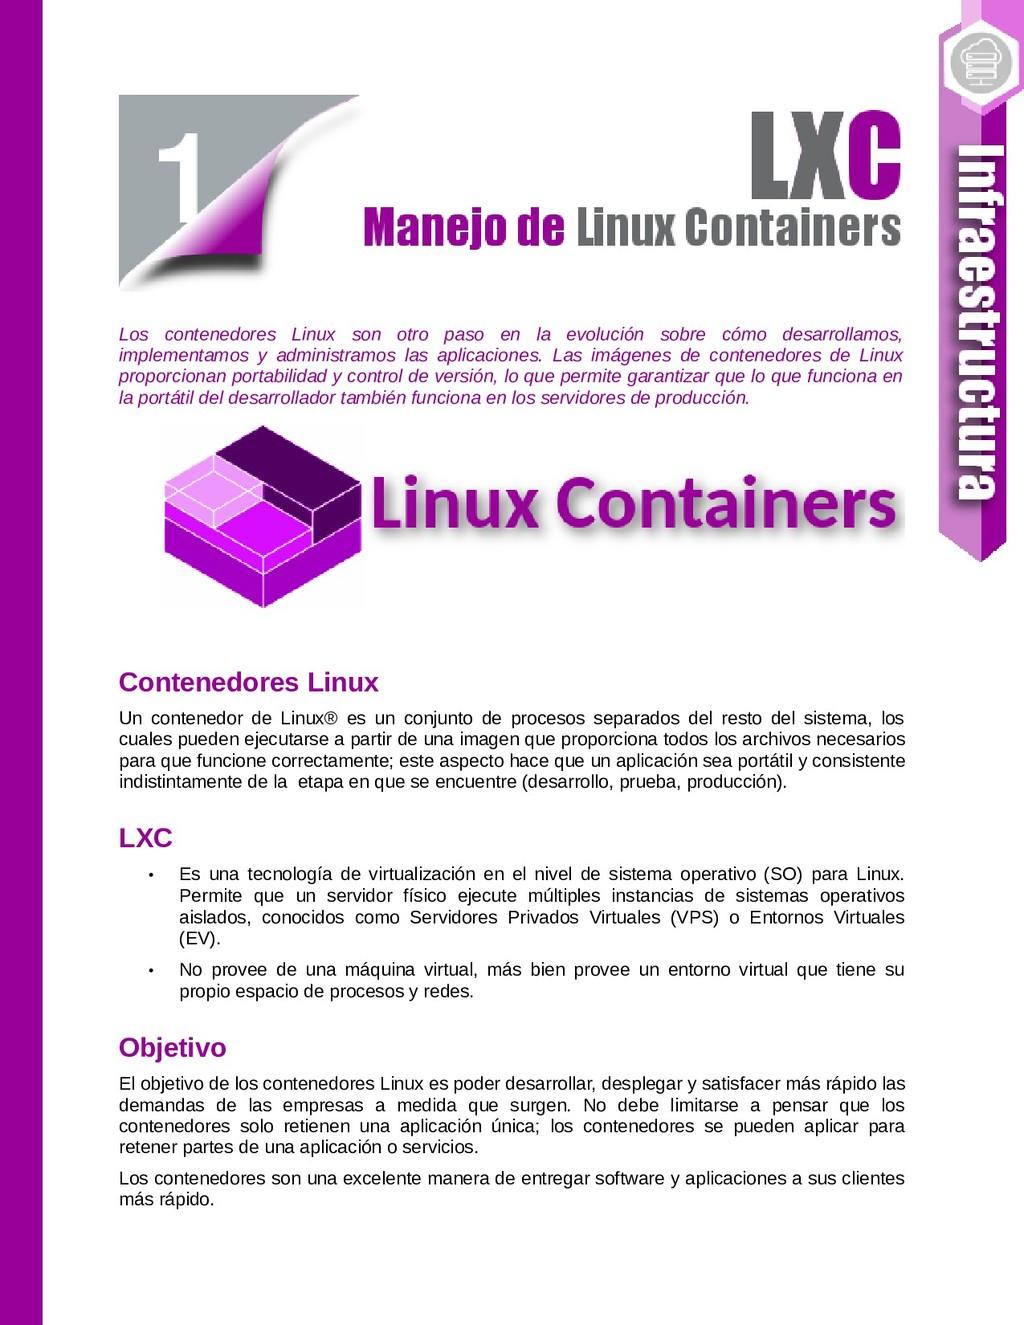 Los contenedores Linux son otro paso en la evol...